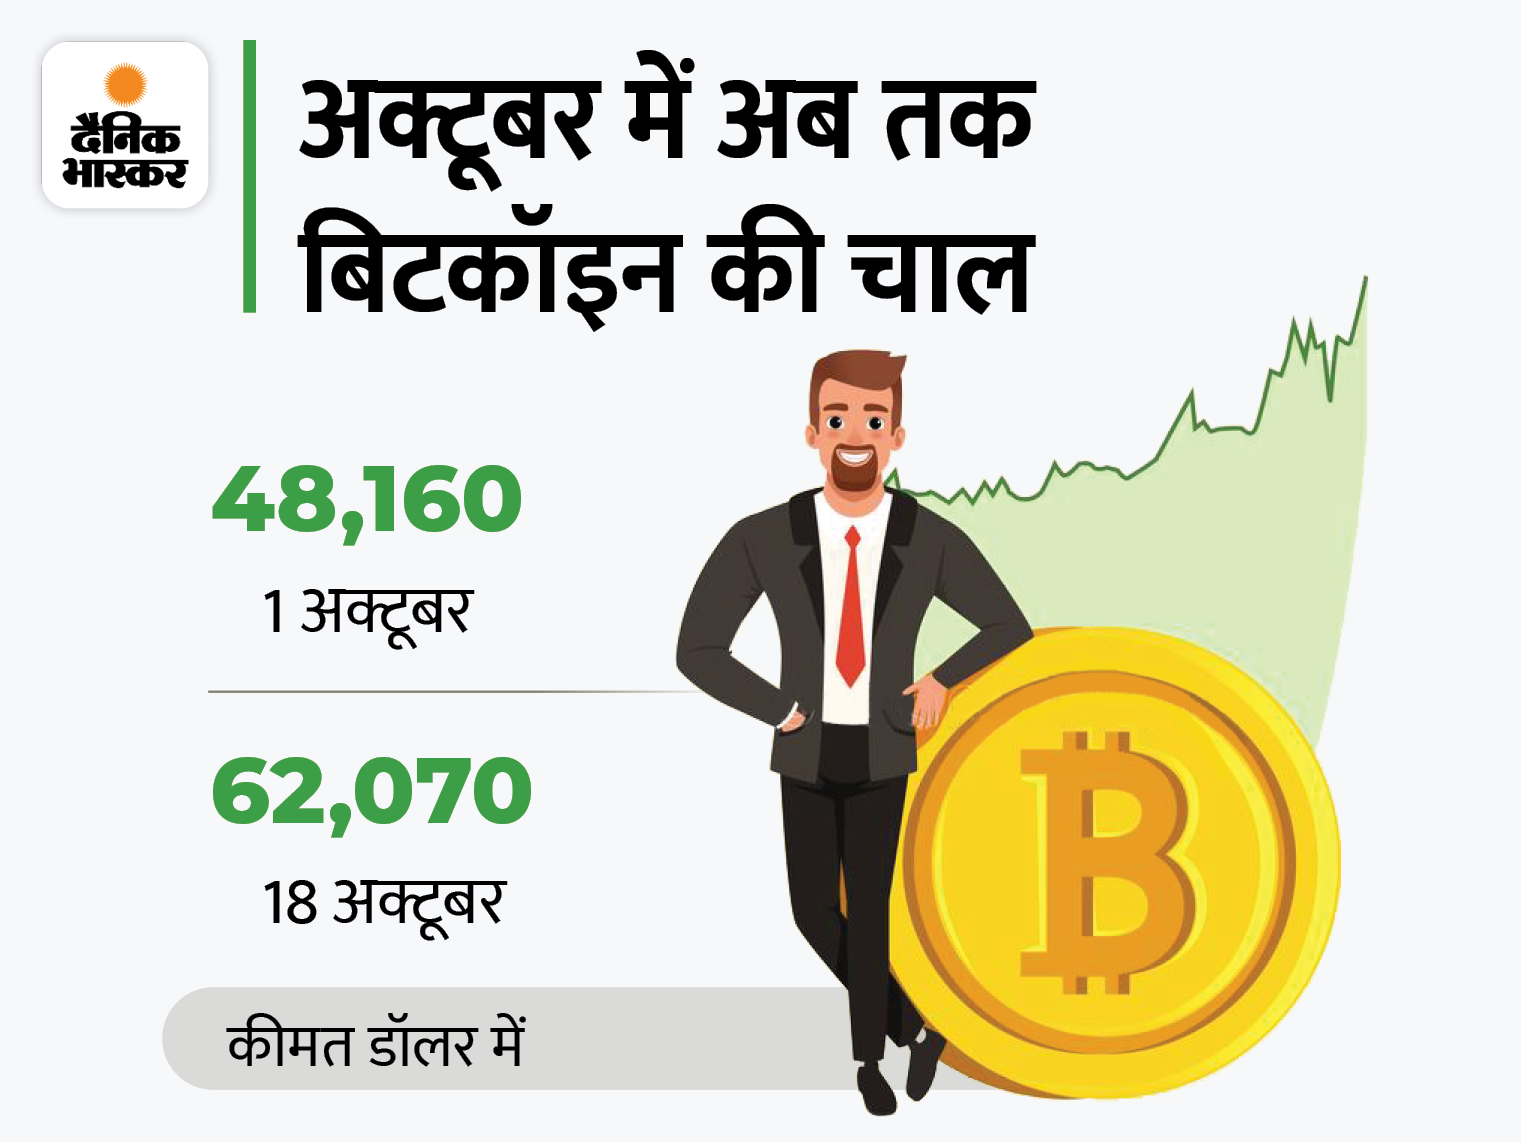 62 हजार डॉलर के पार हुआ बिटकॉइन, इस महीने अब तक 29% बढ़ा|देश,National - Dainik Bhaskar